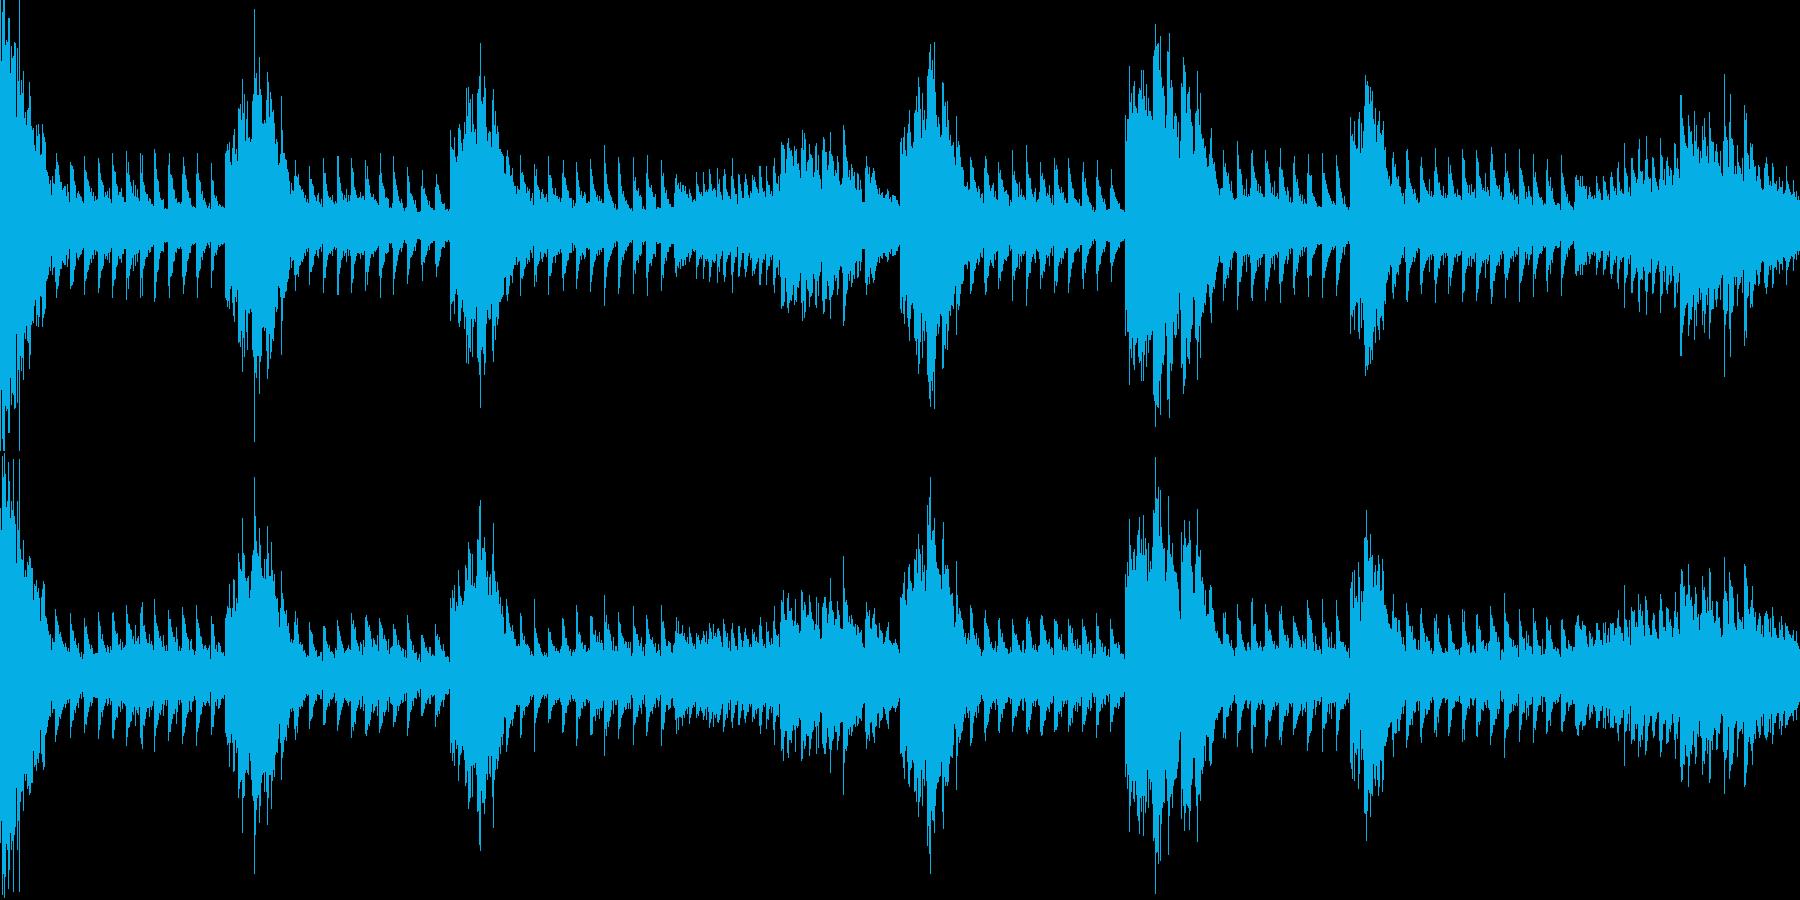 金属系緊迫シーン リズム【ループ】の再生済みの波形